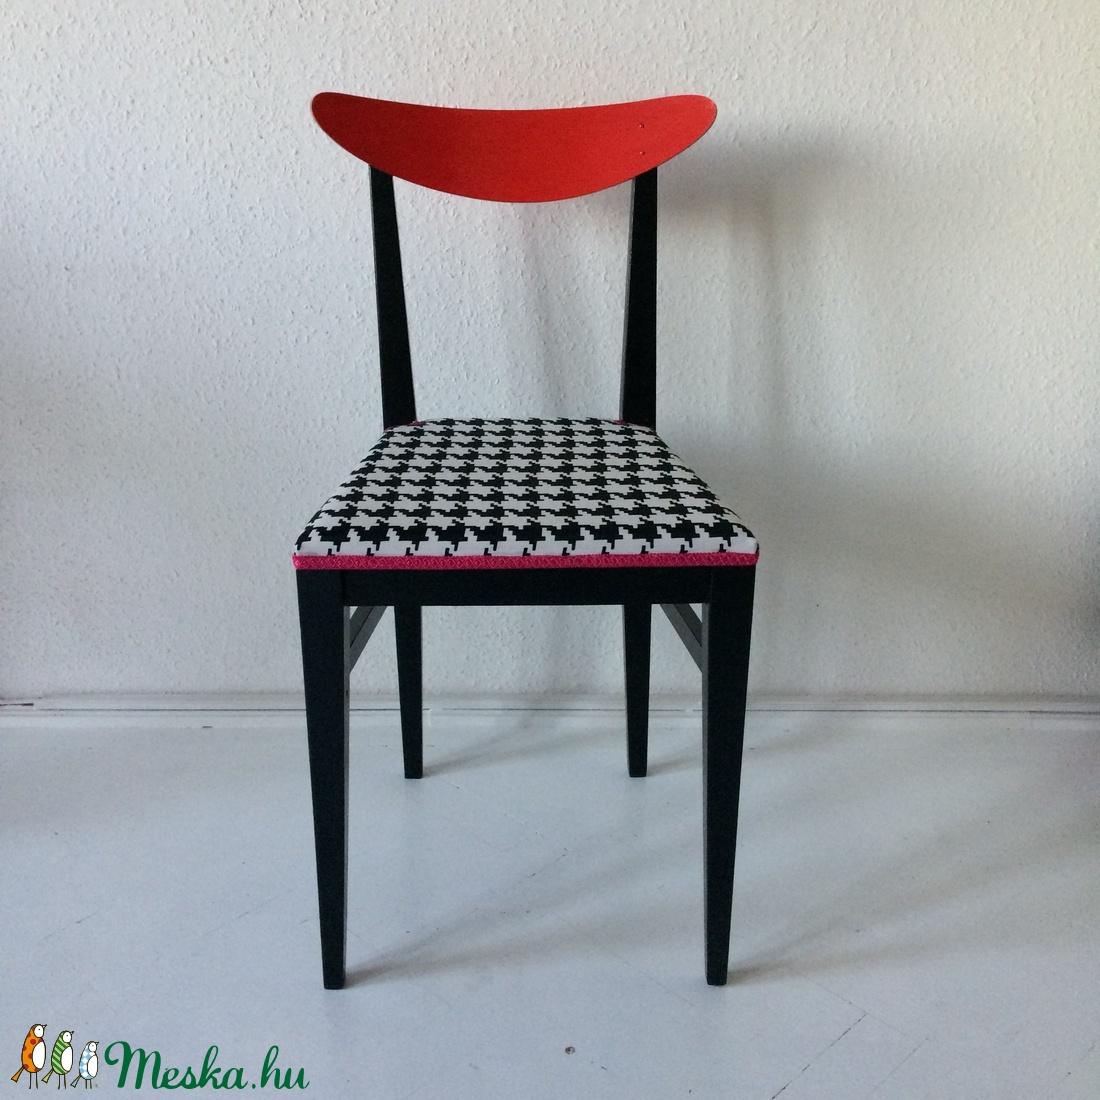 Lovechair 43. Retró kárpitozott szék (LOVECHAIR) Meska.hu